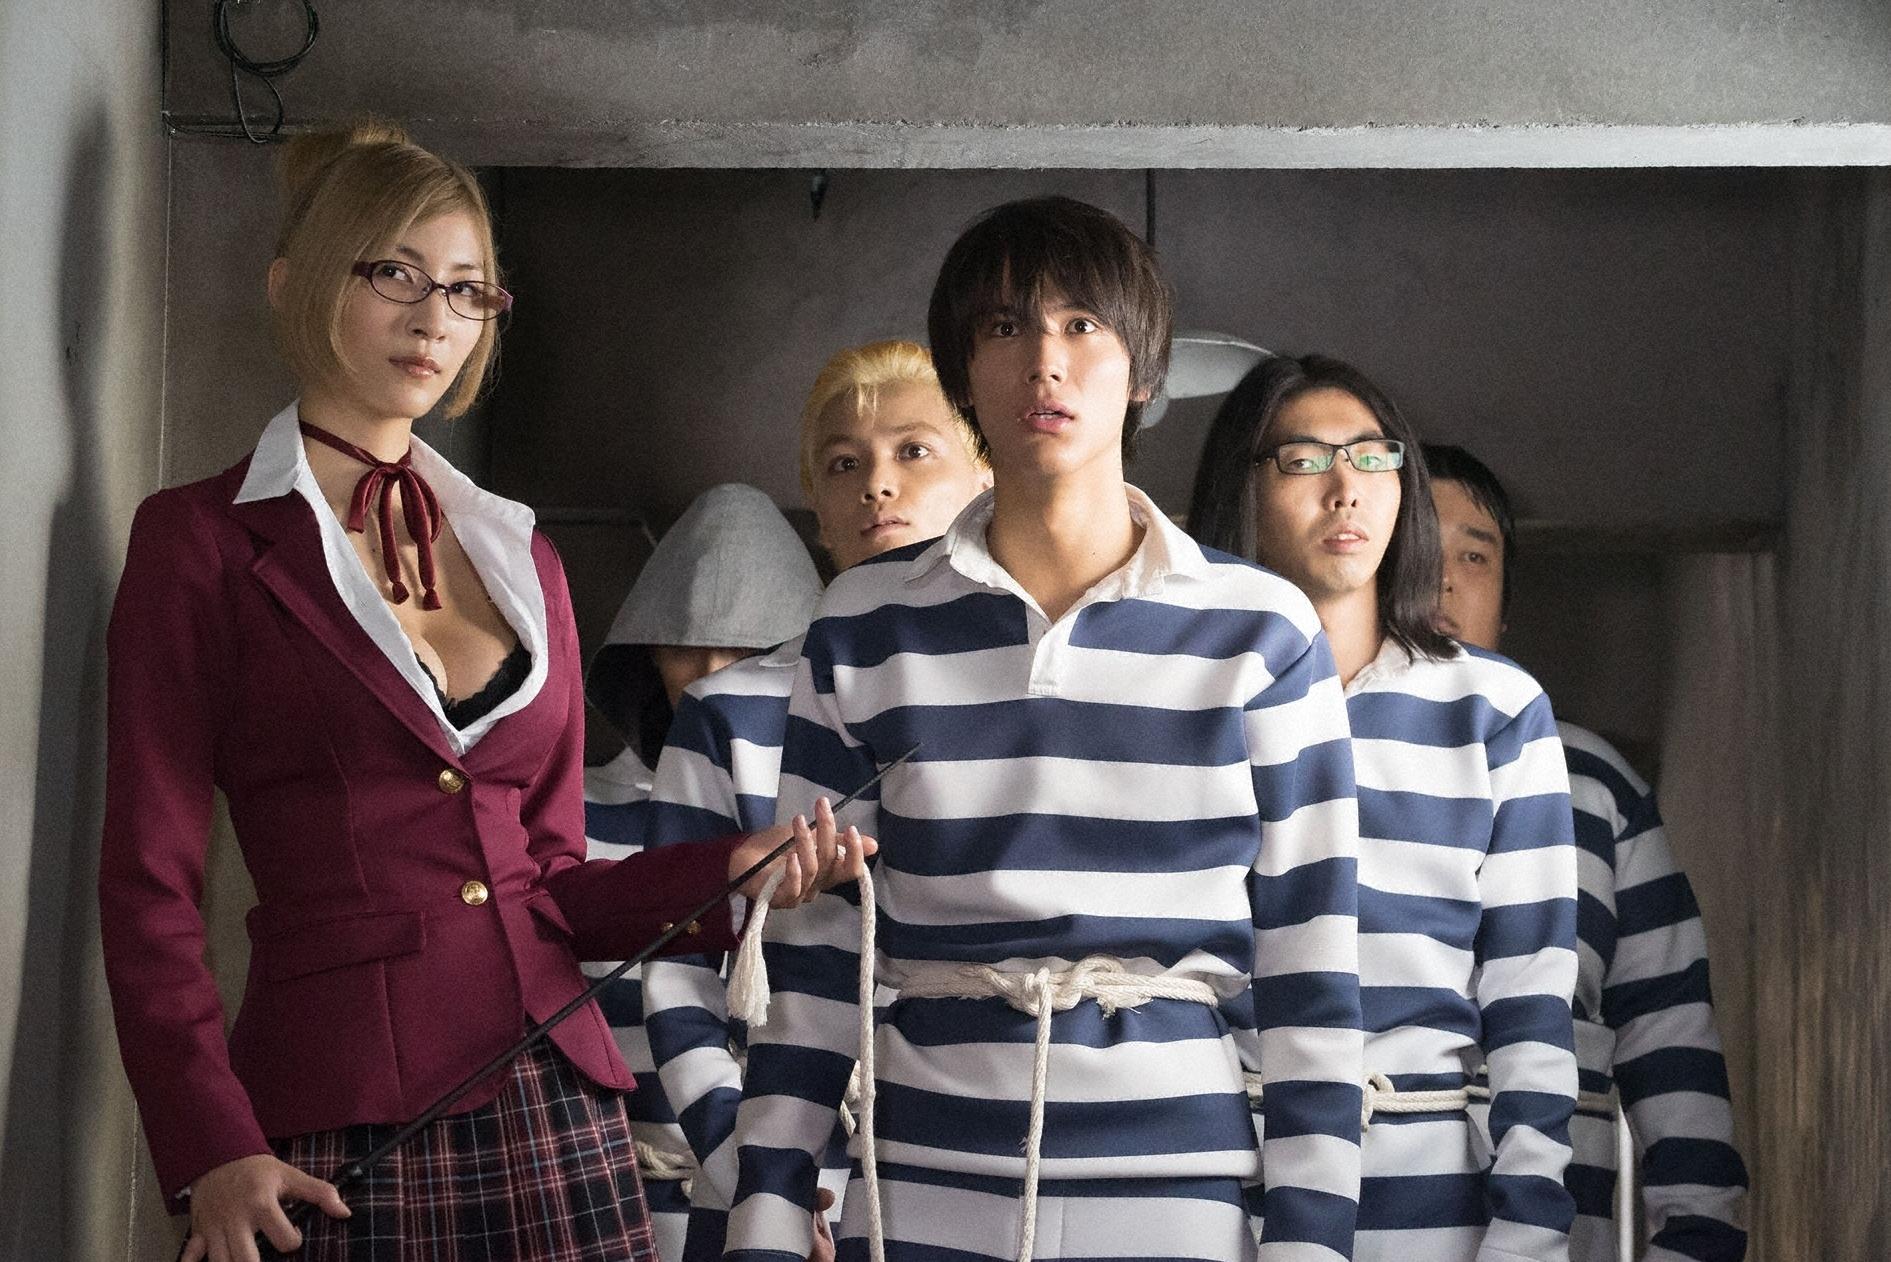 ドラマ「監獄学園」、実写化不能の過激シーンに挑んだ第1話 ...